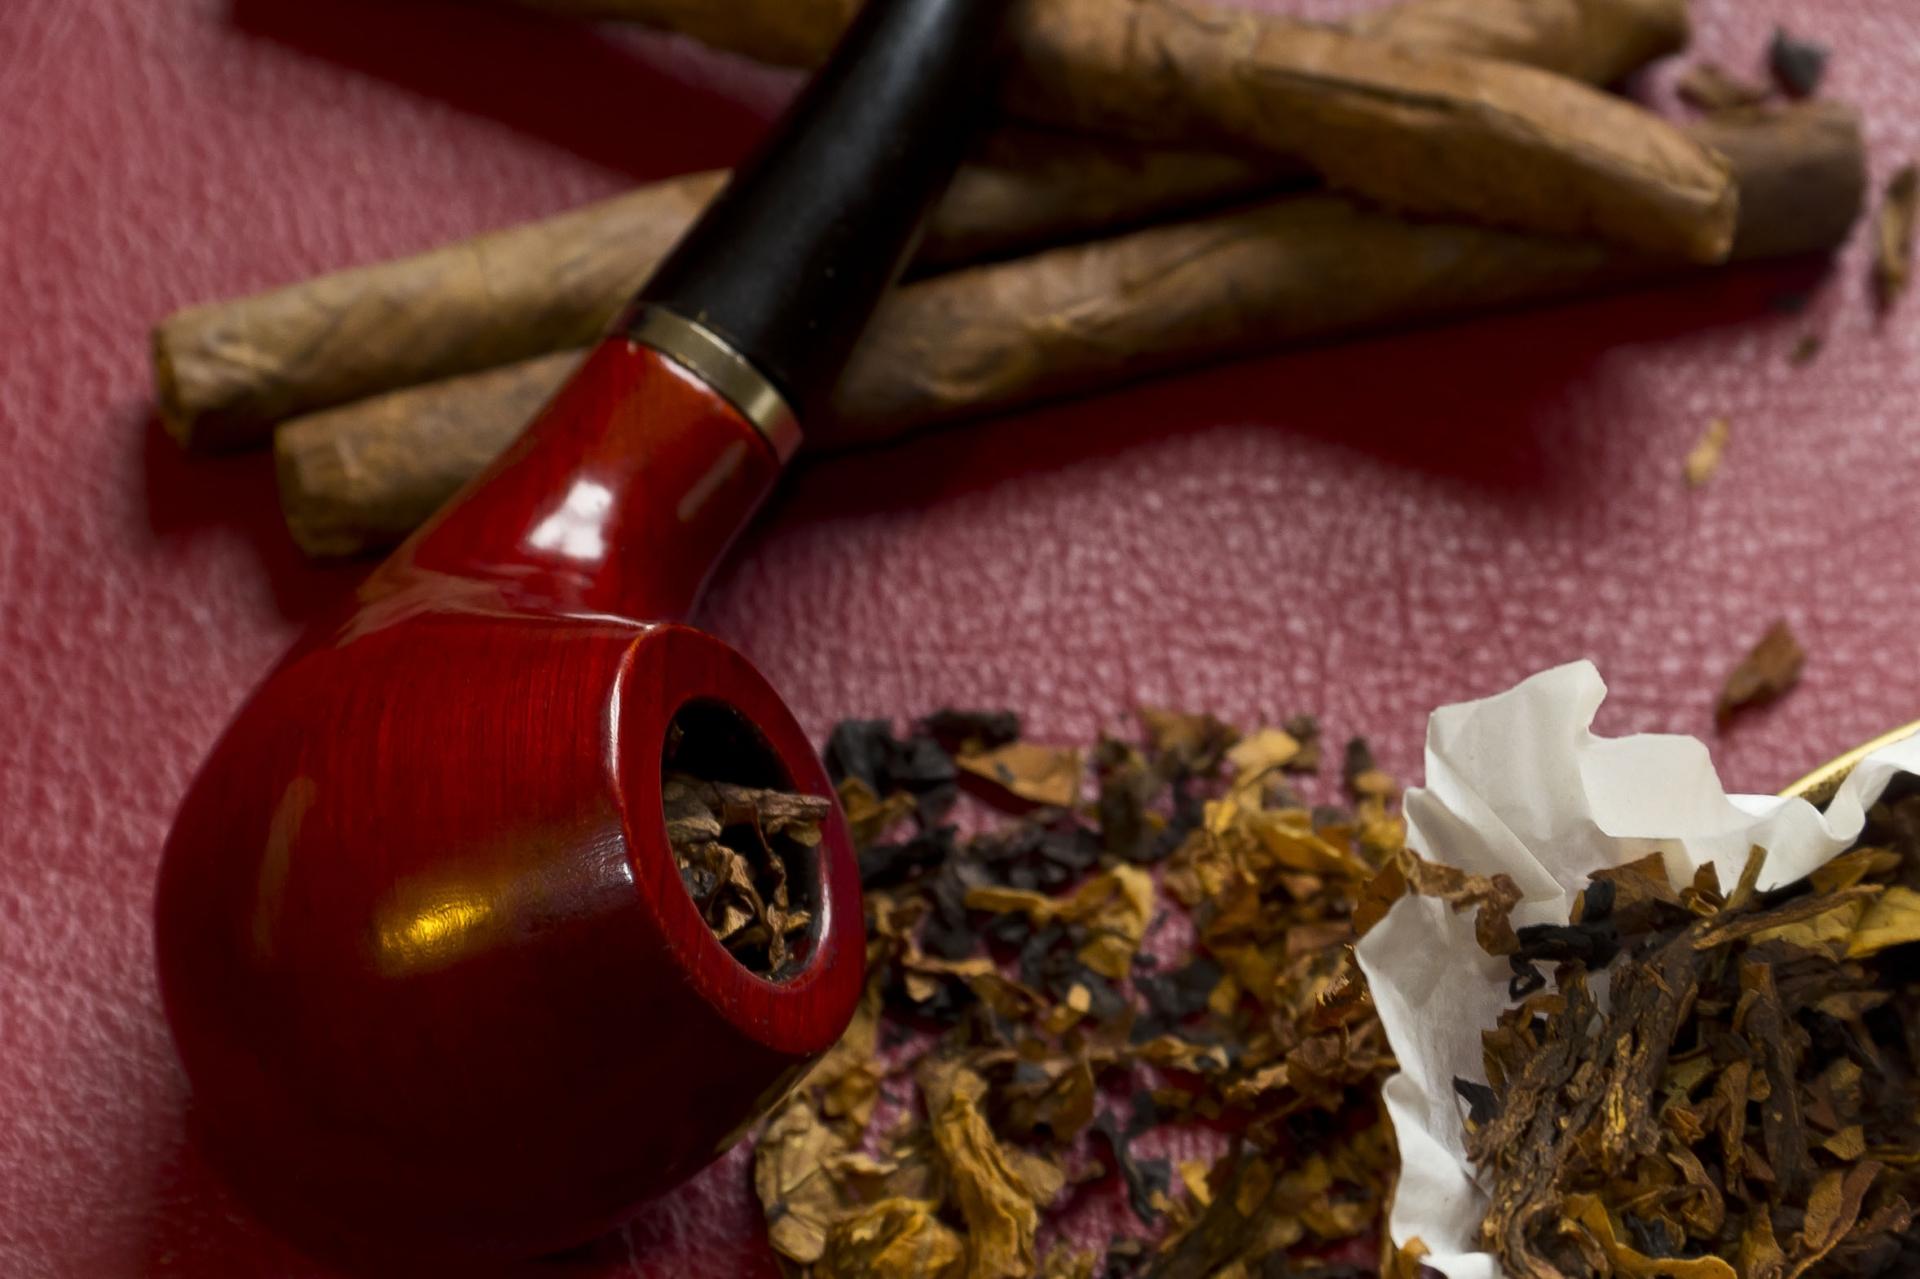 Sie suchen nach einer besonderen Pfeife oder einem besonderen Tabak? Wir bieten Ihnen eine große Auswahl! © mackoflower - Fotolia.com